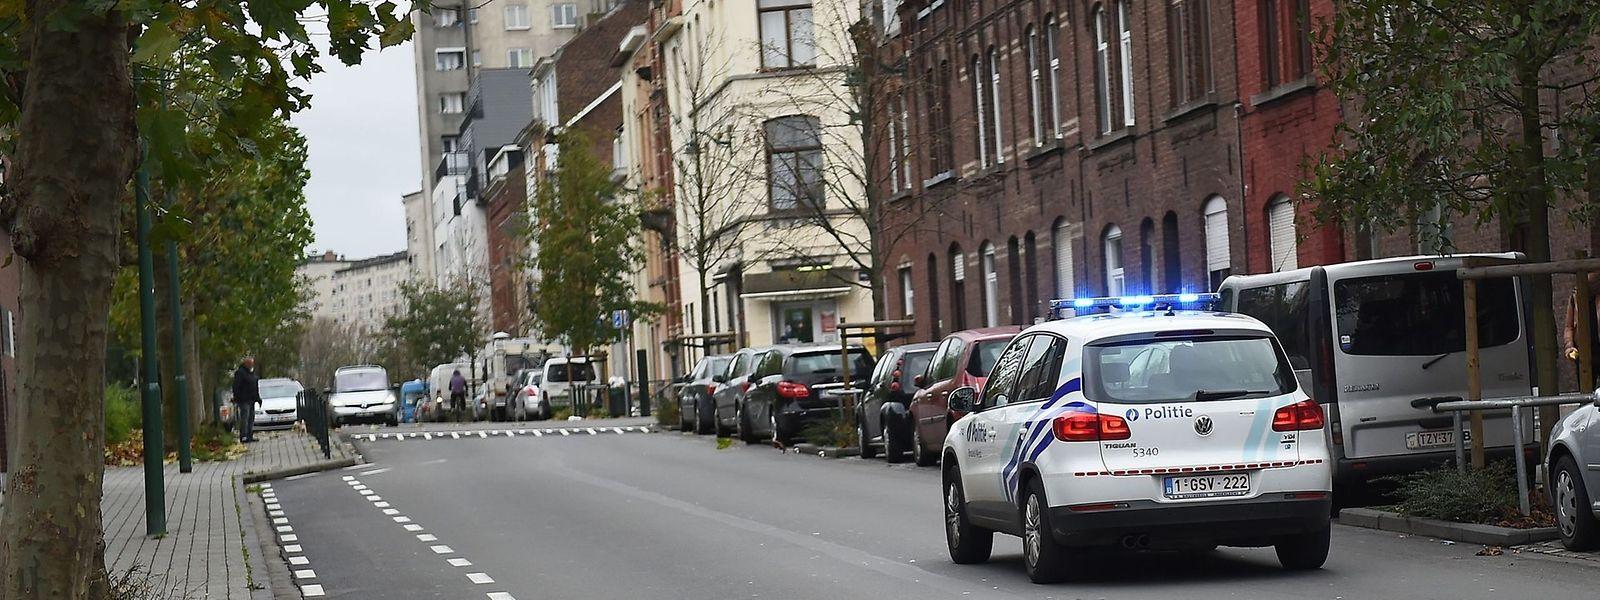 En 2020, la police a saisi près de 3 millions d'euros issus du trafic de stupéfiants dans cette seule commune.